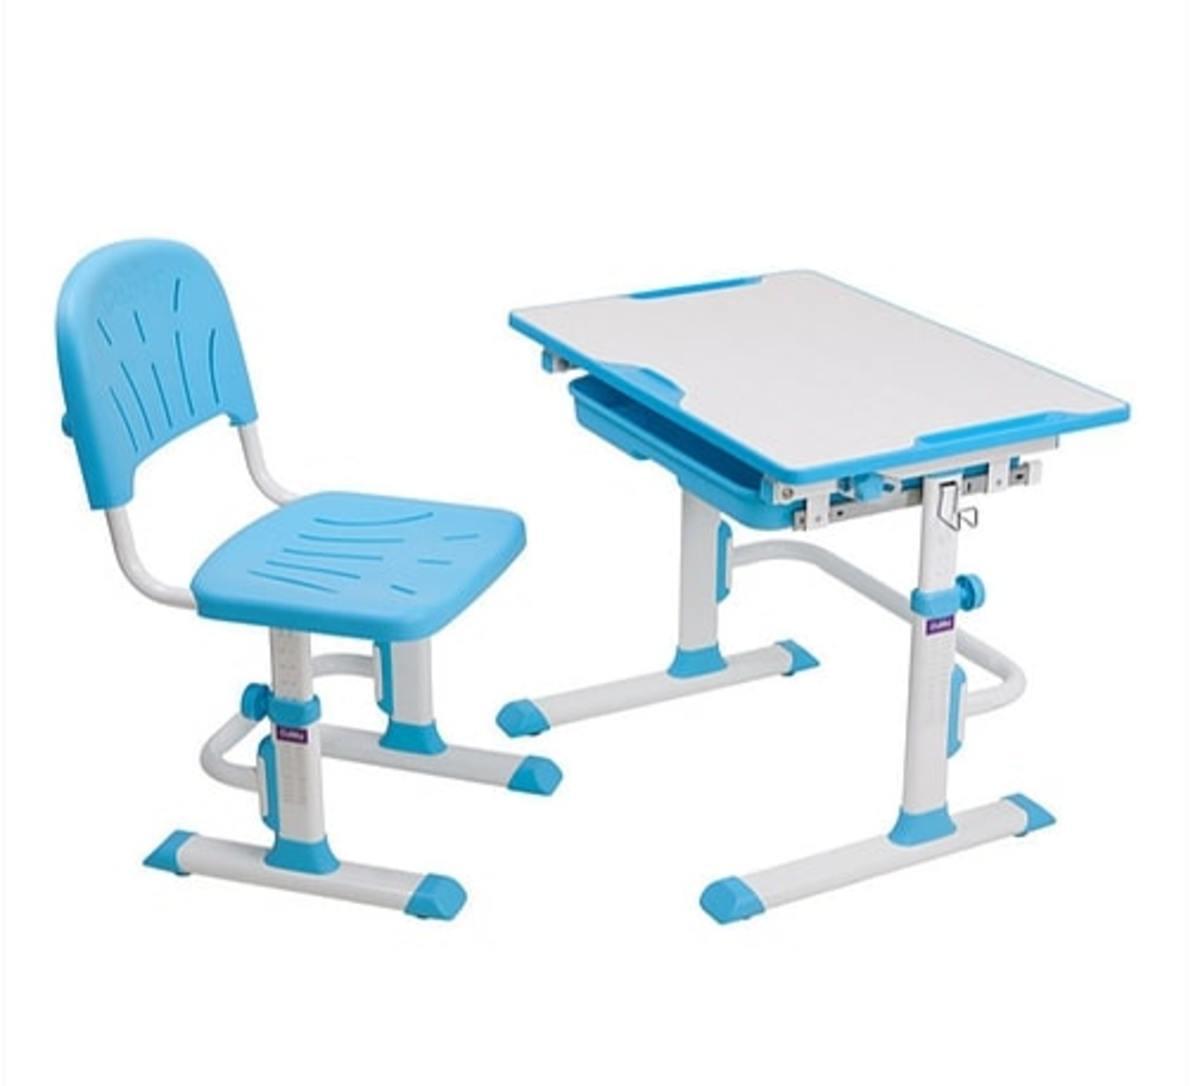 Dětský psací stůl + židle Cubby Lupin - modrý